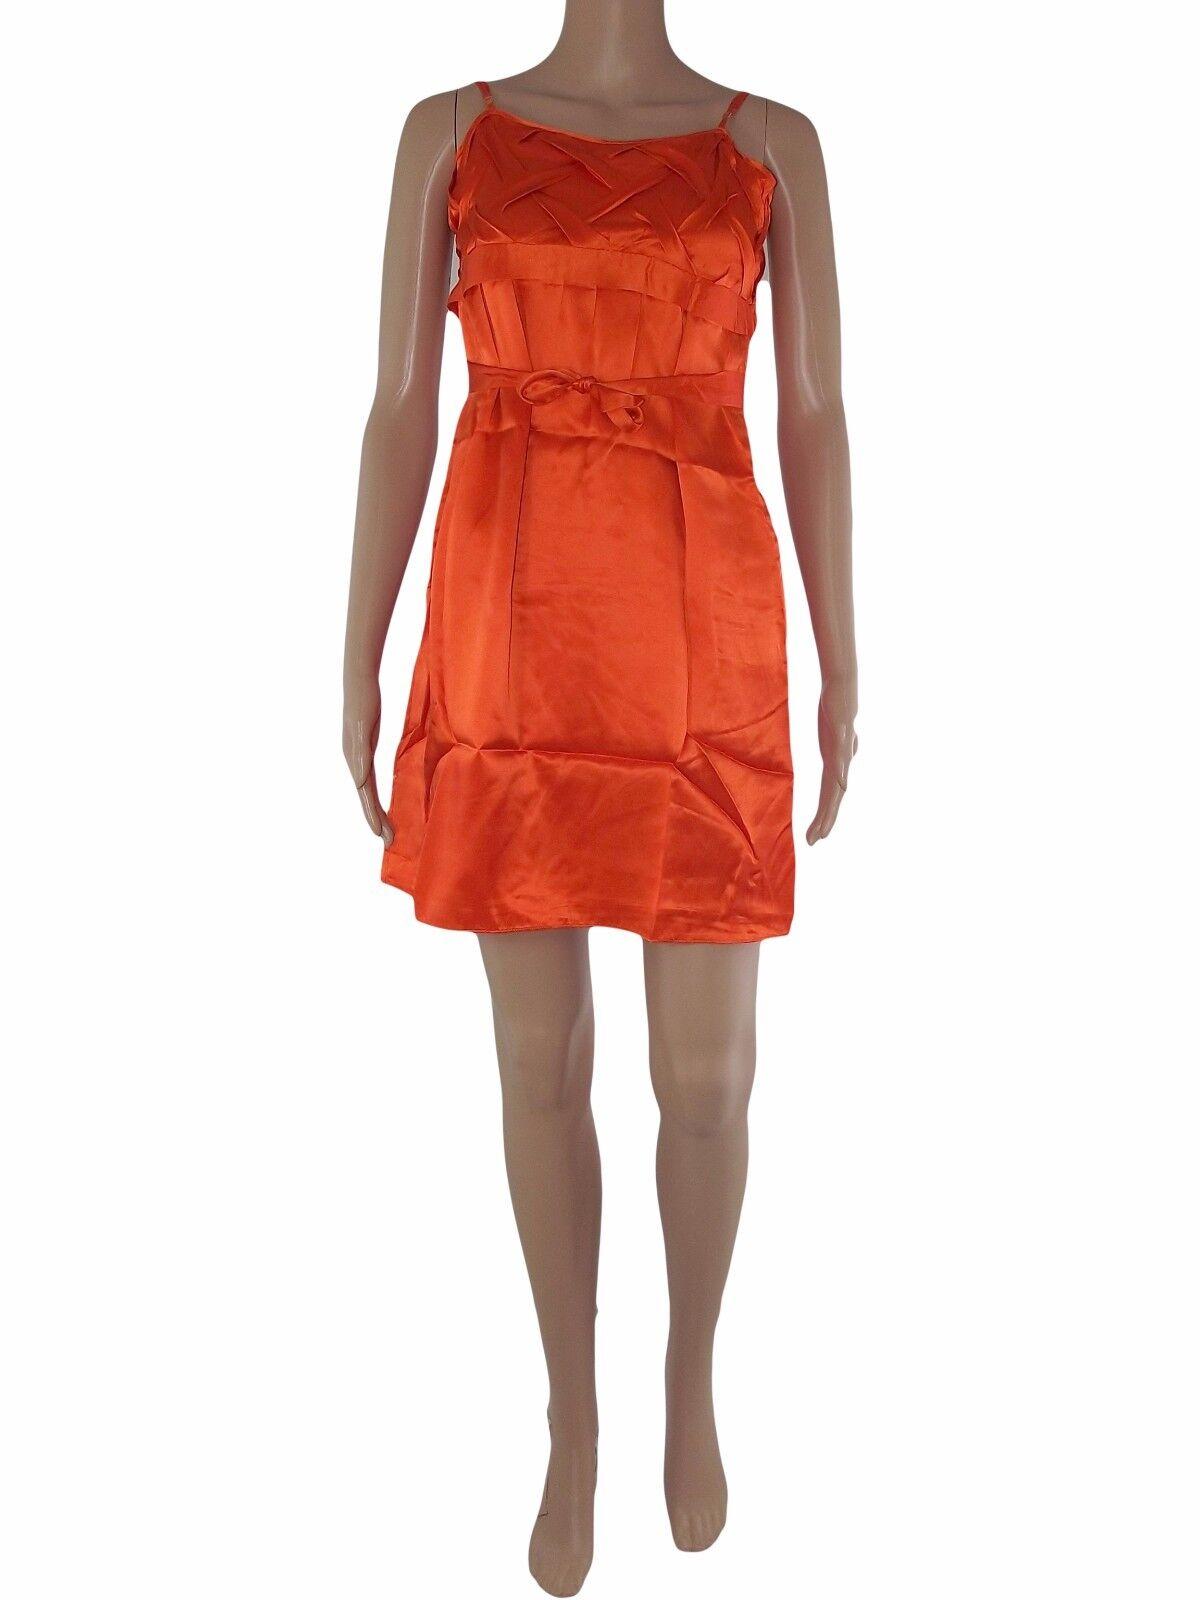 Guess marciano vestito abito donna p p p e arancione seta taglia 42 m medium 17ec3f